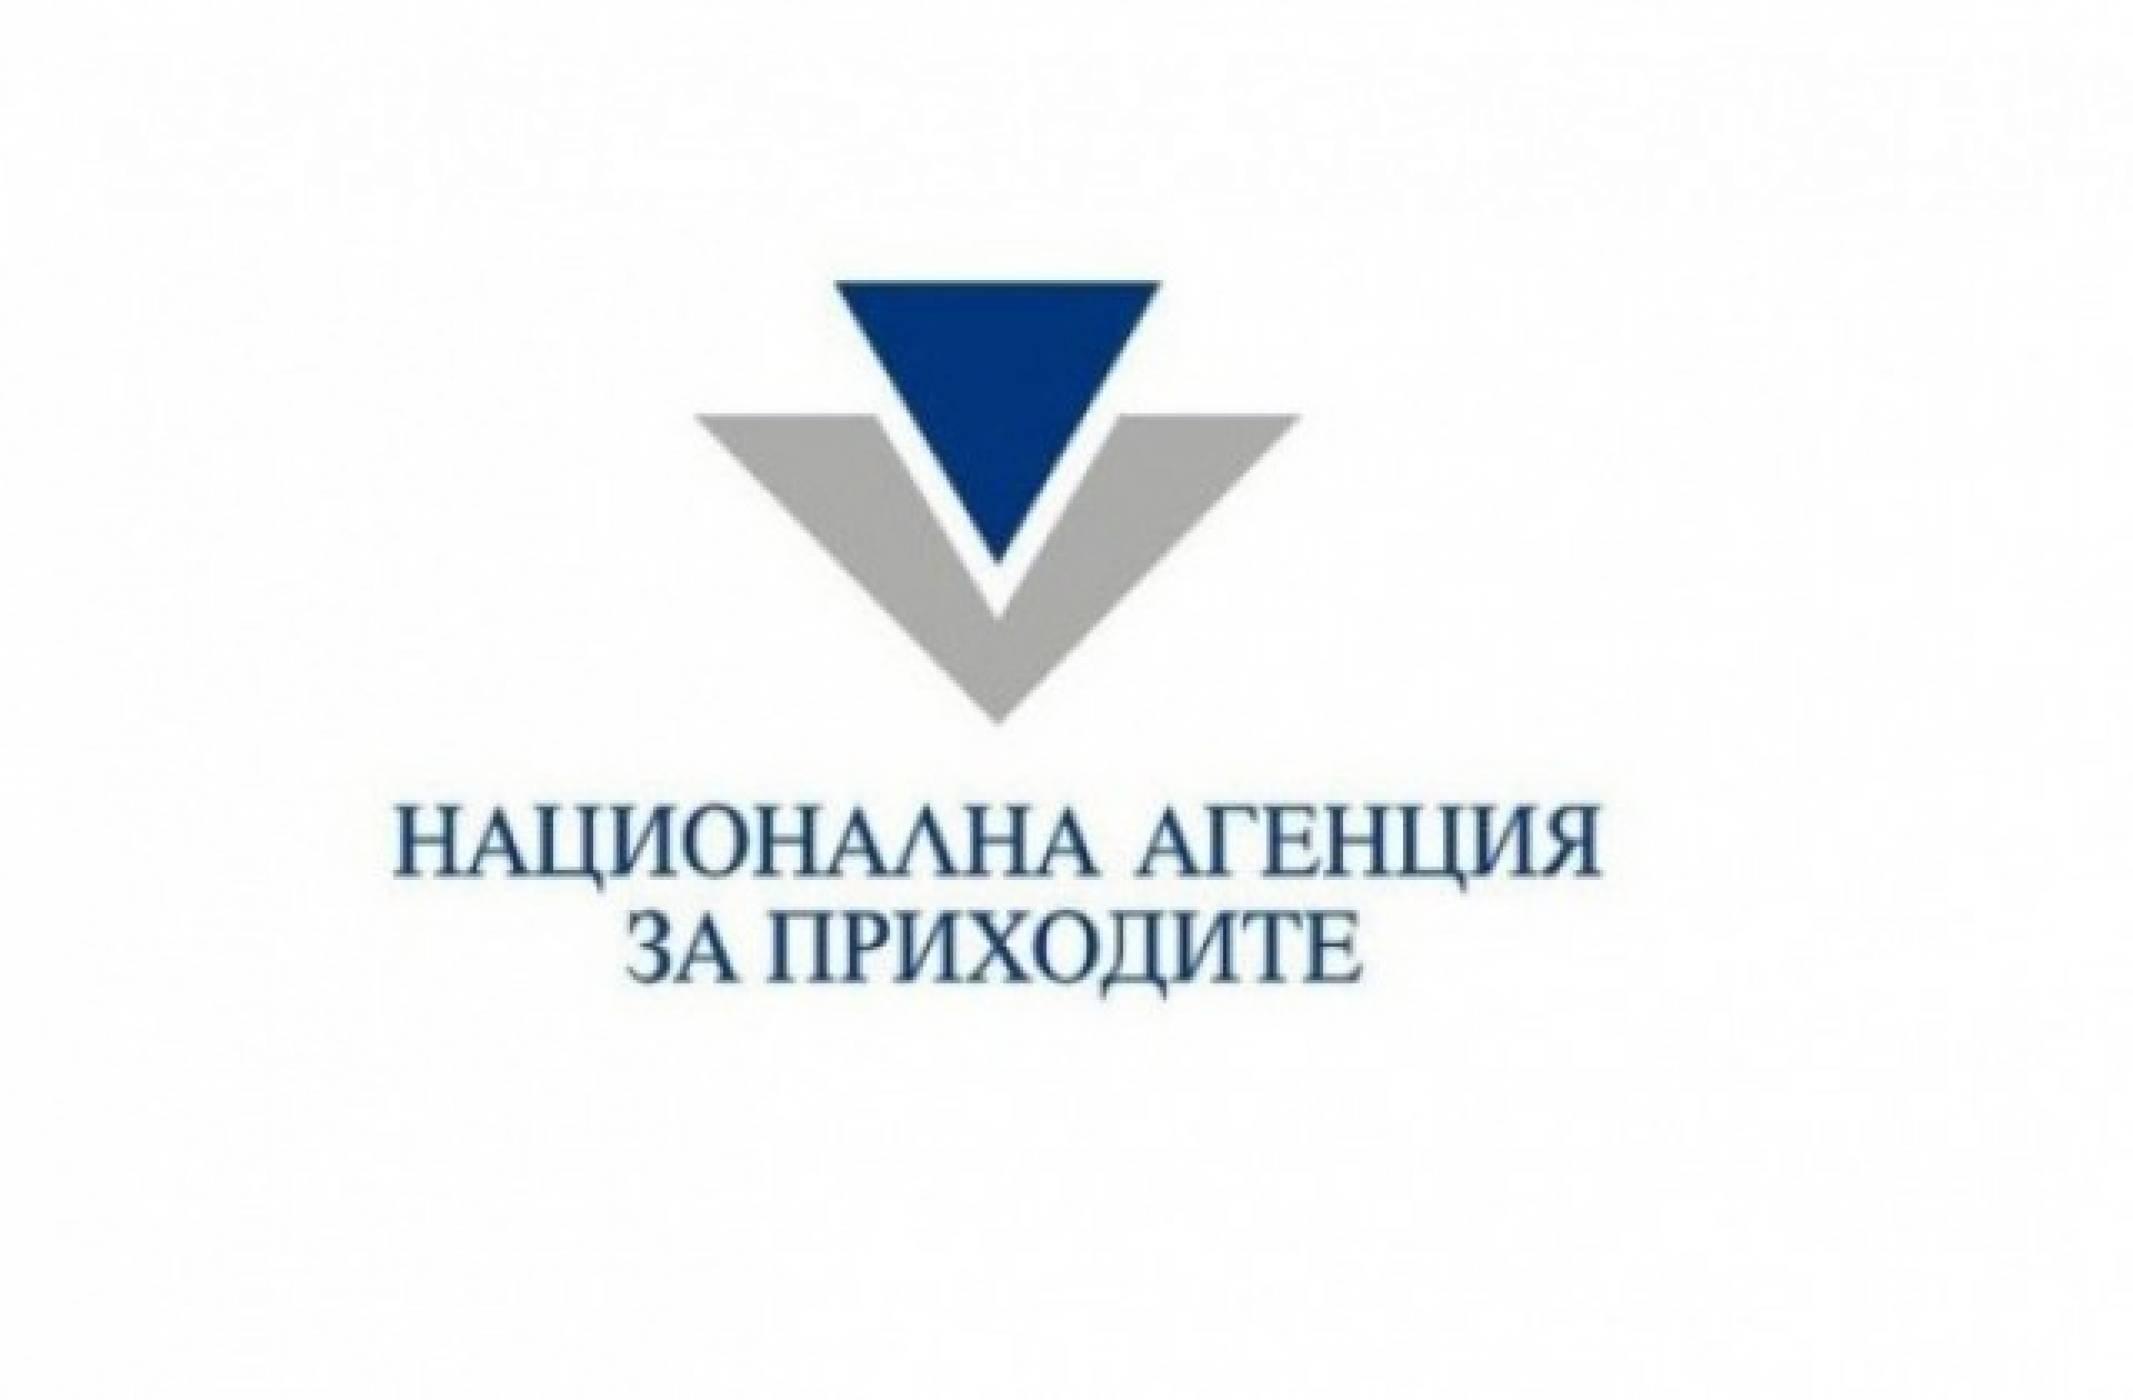 НАП пусна приложение за проверка на изтекли данни